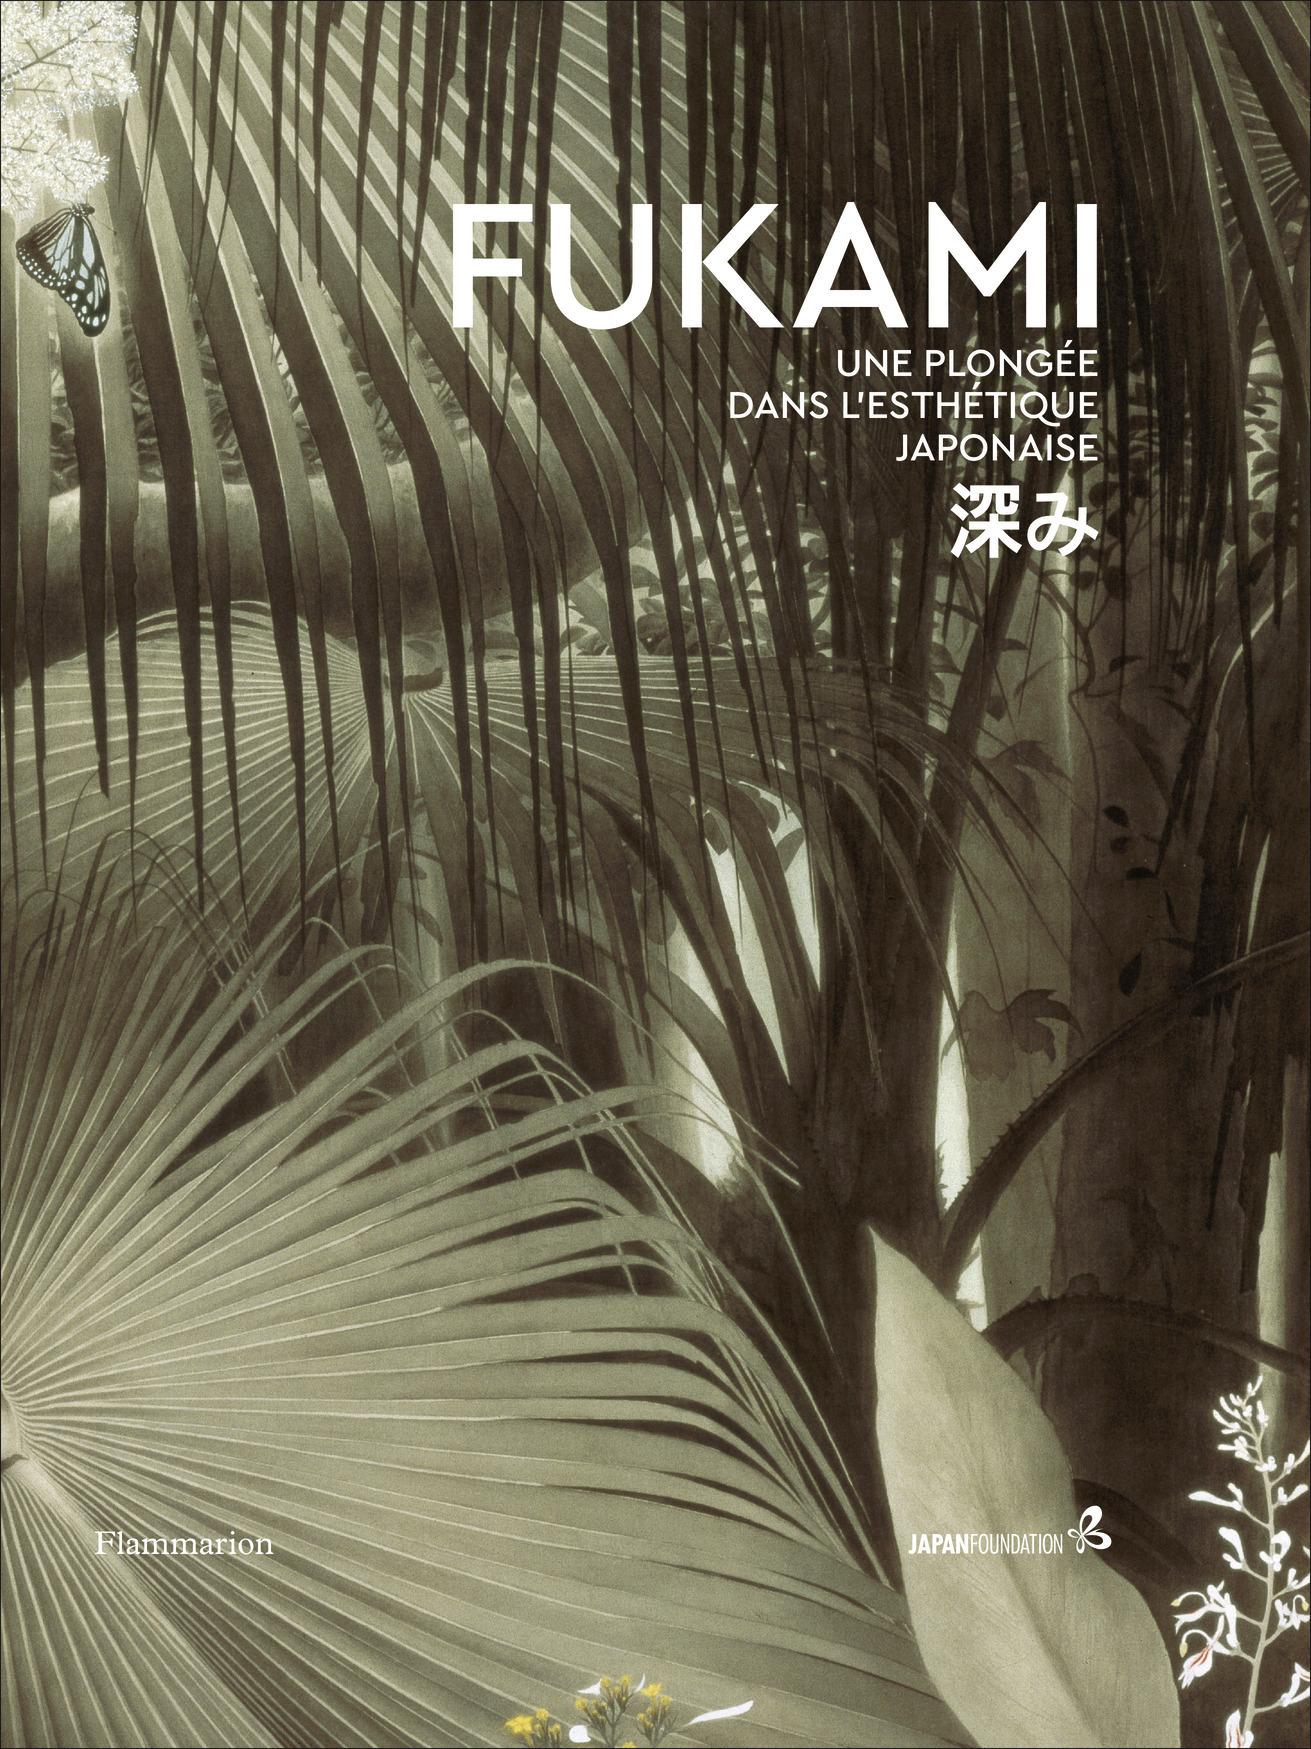 FUKAMI - UNE PLONGEE DANS L'ESTHETIQUE JAPONAISE